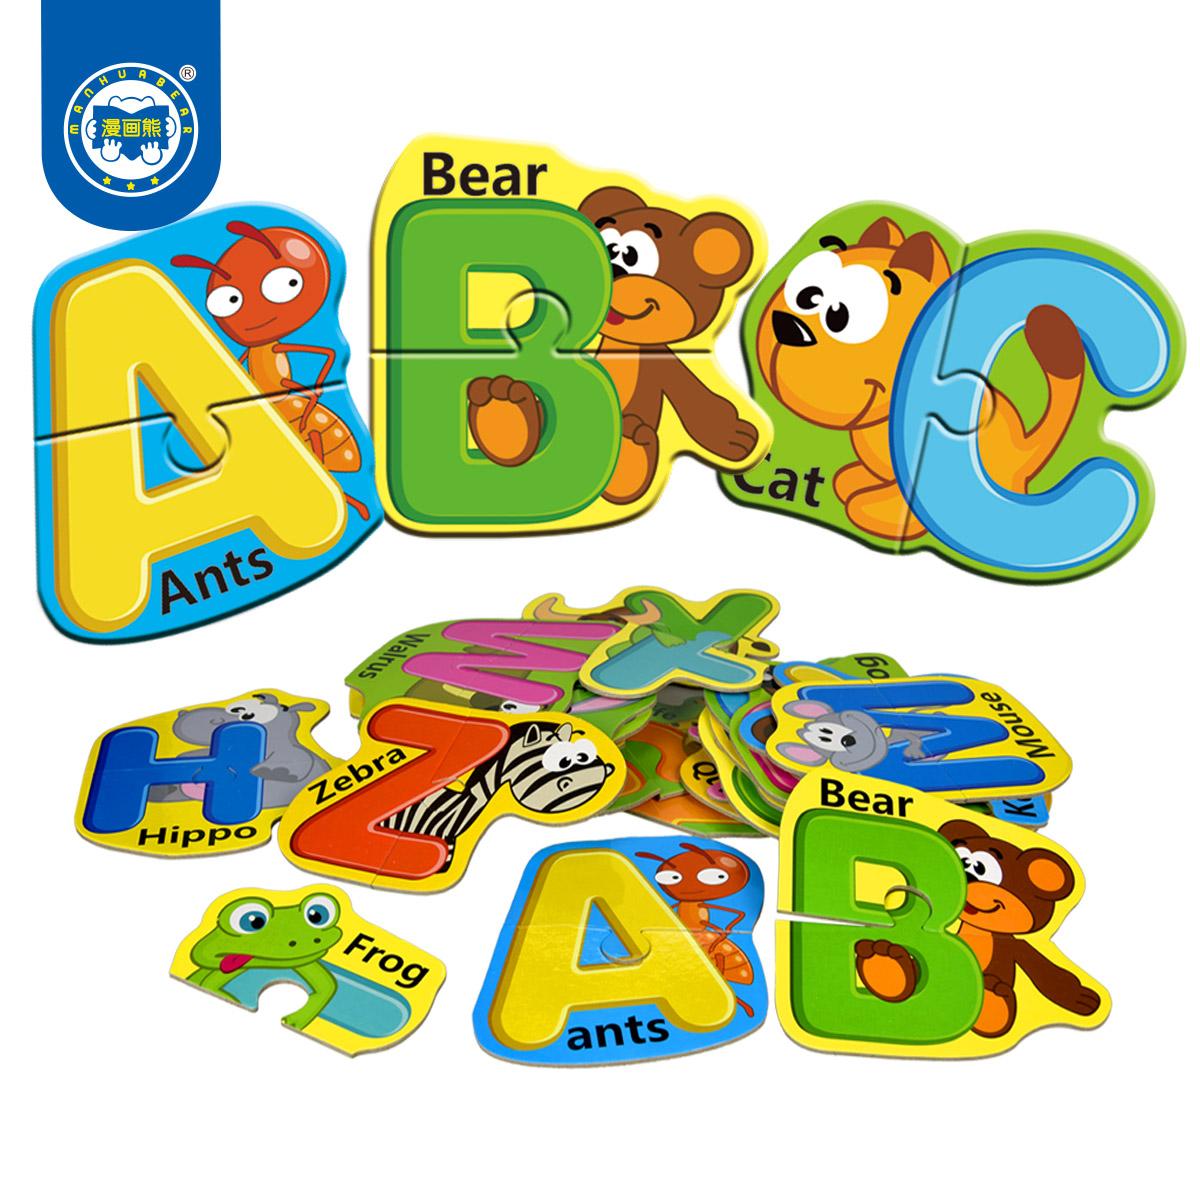 漫画熊 儿童 字母认知卡早教玩具 14.9元包邮